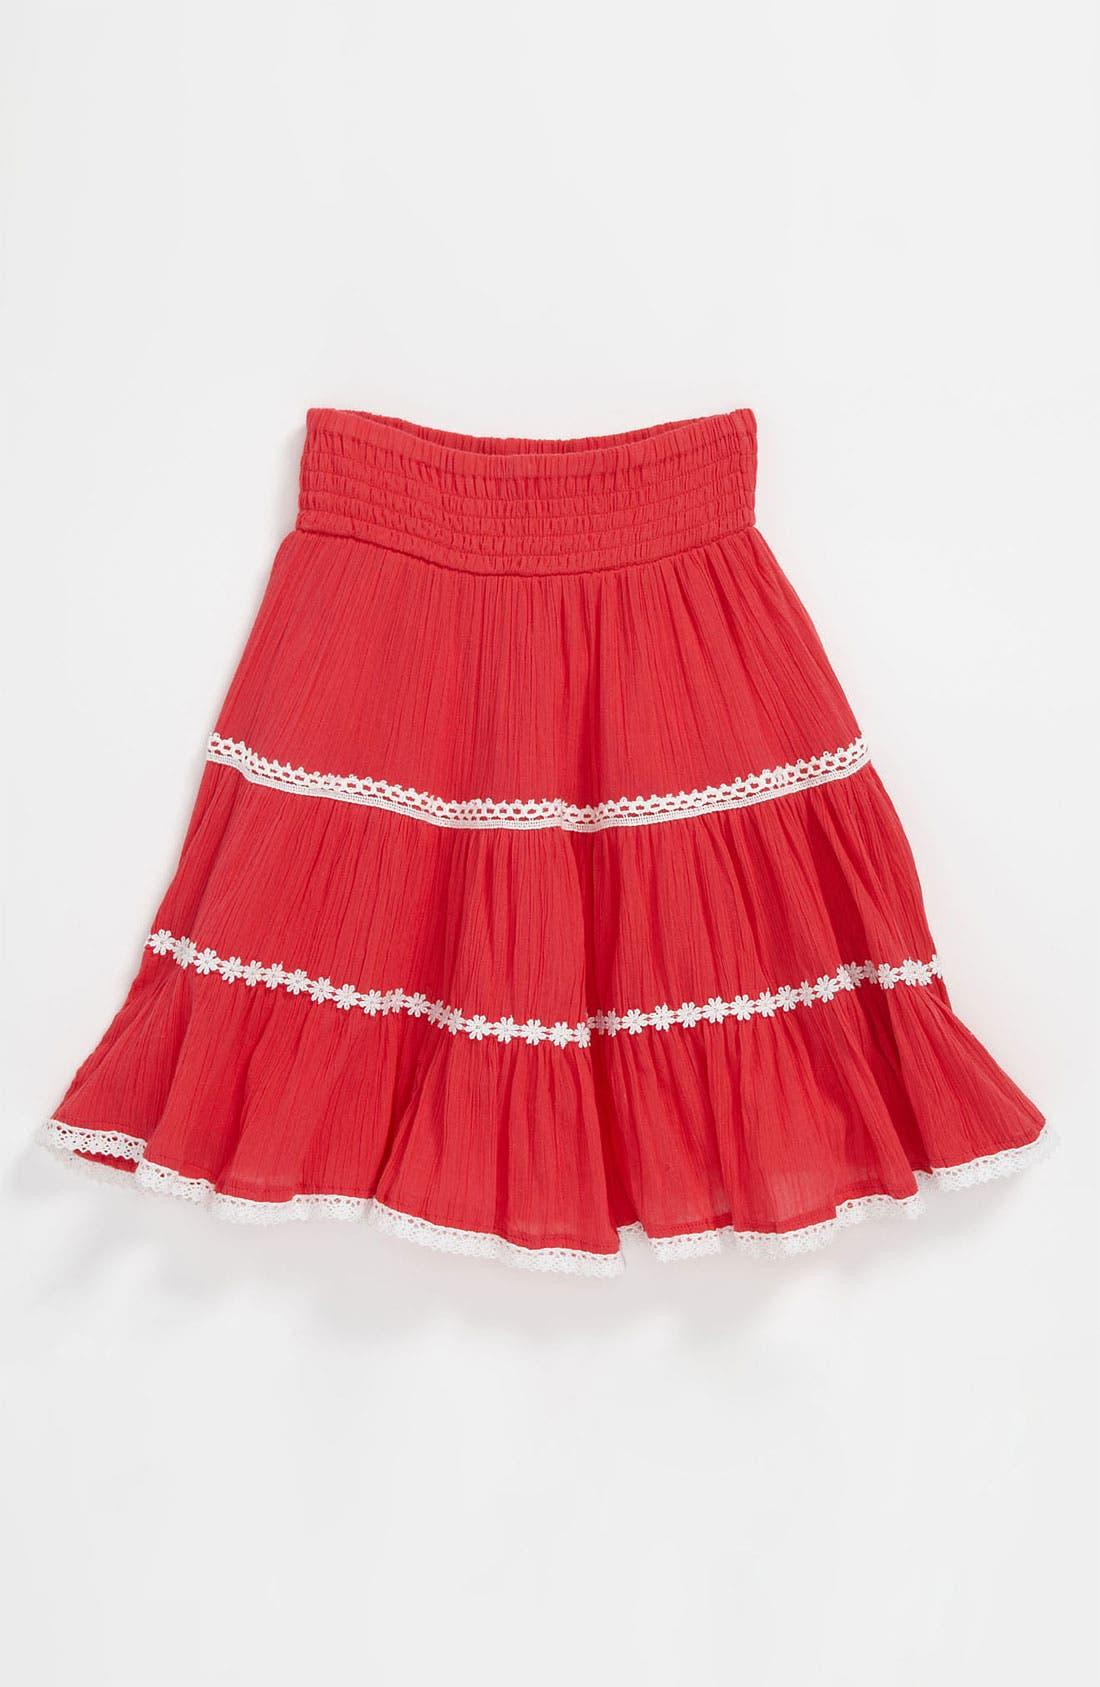 Alternate Image 1 Selected - Pumpkin Patch Tiered Skirt (Little Girls & Big Girls)